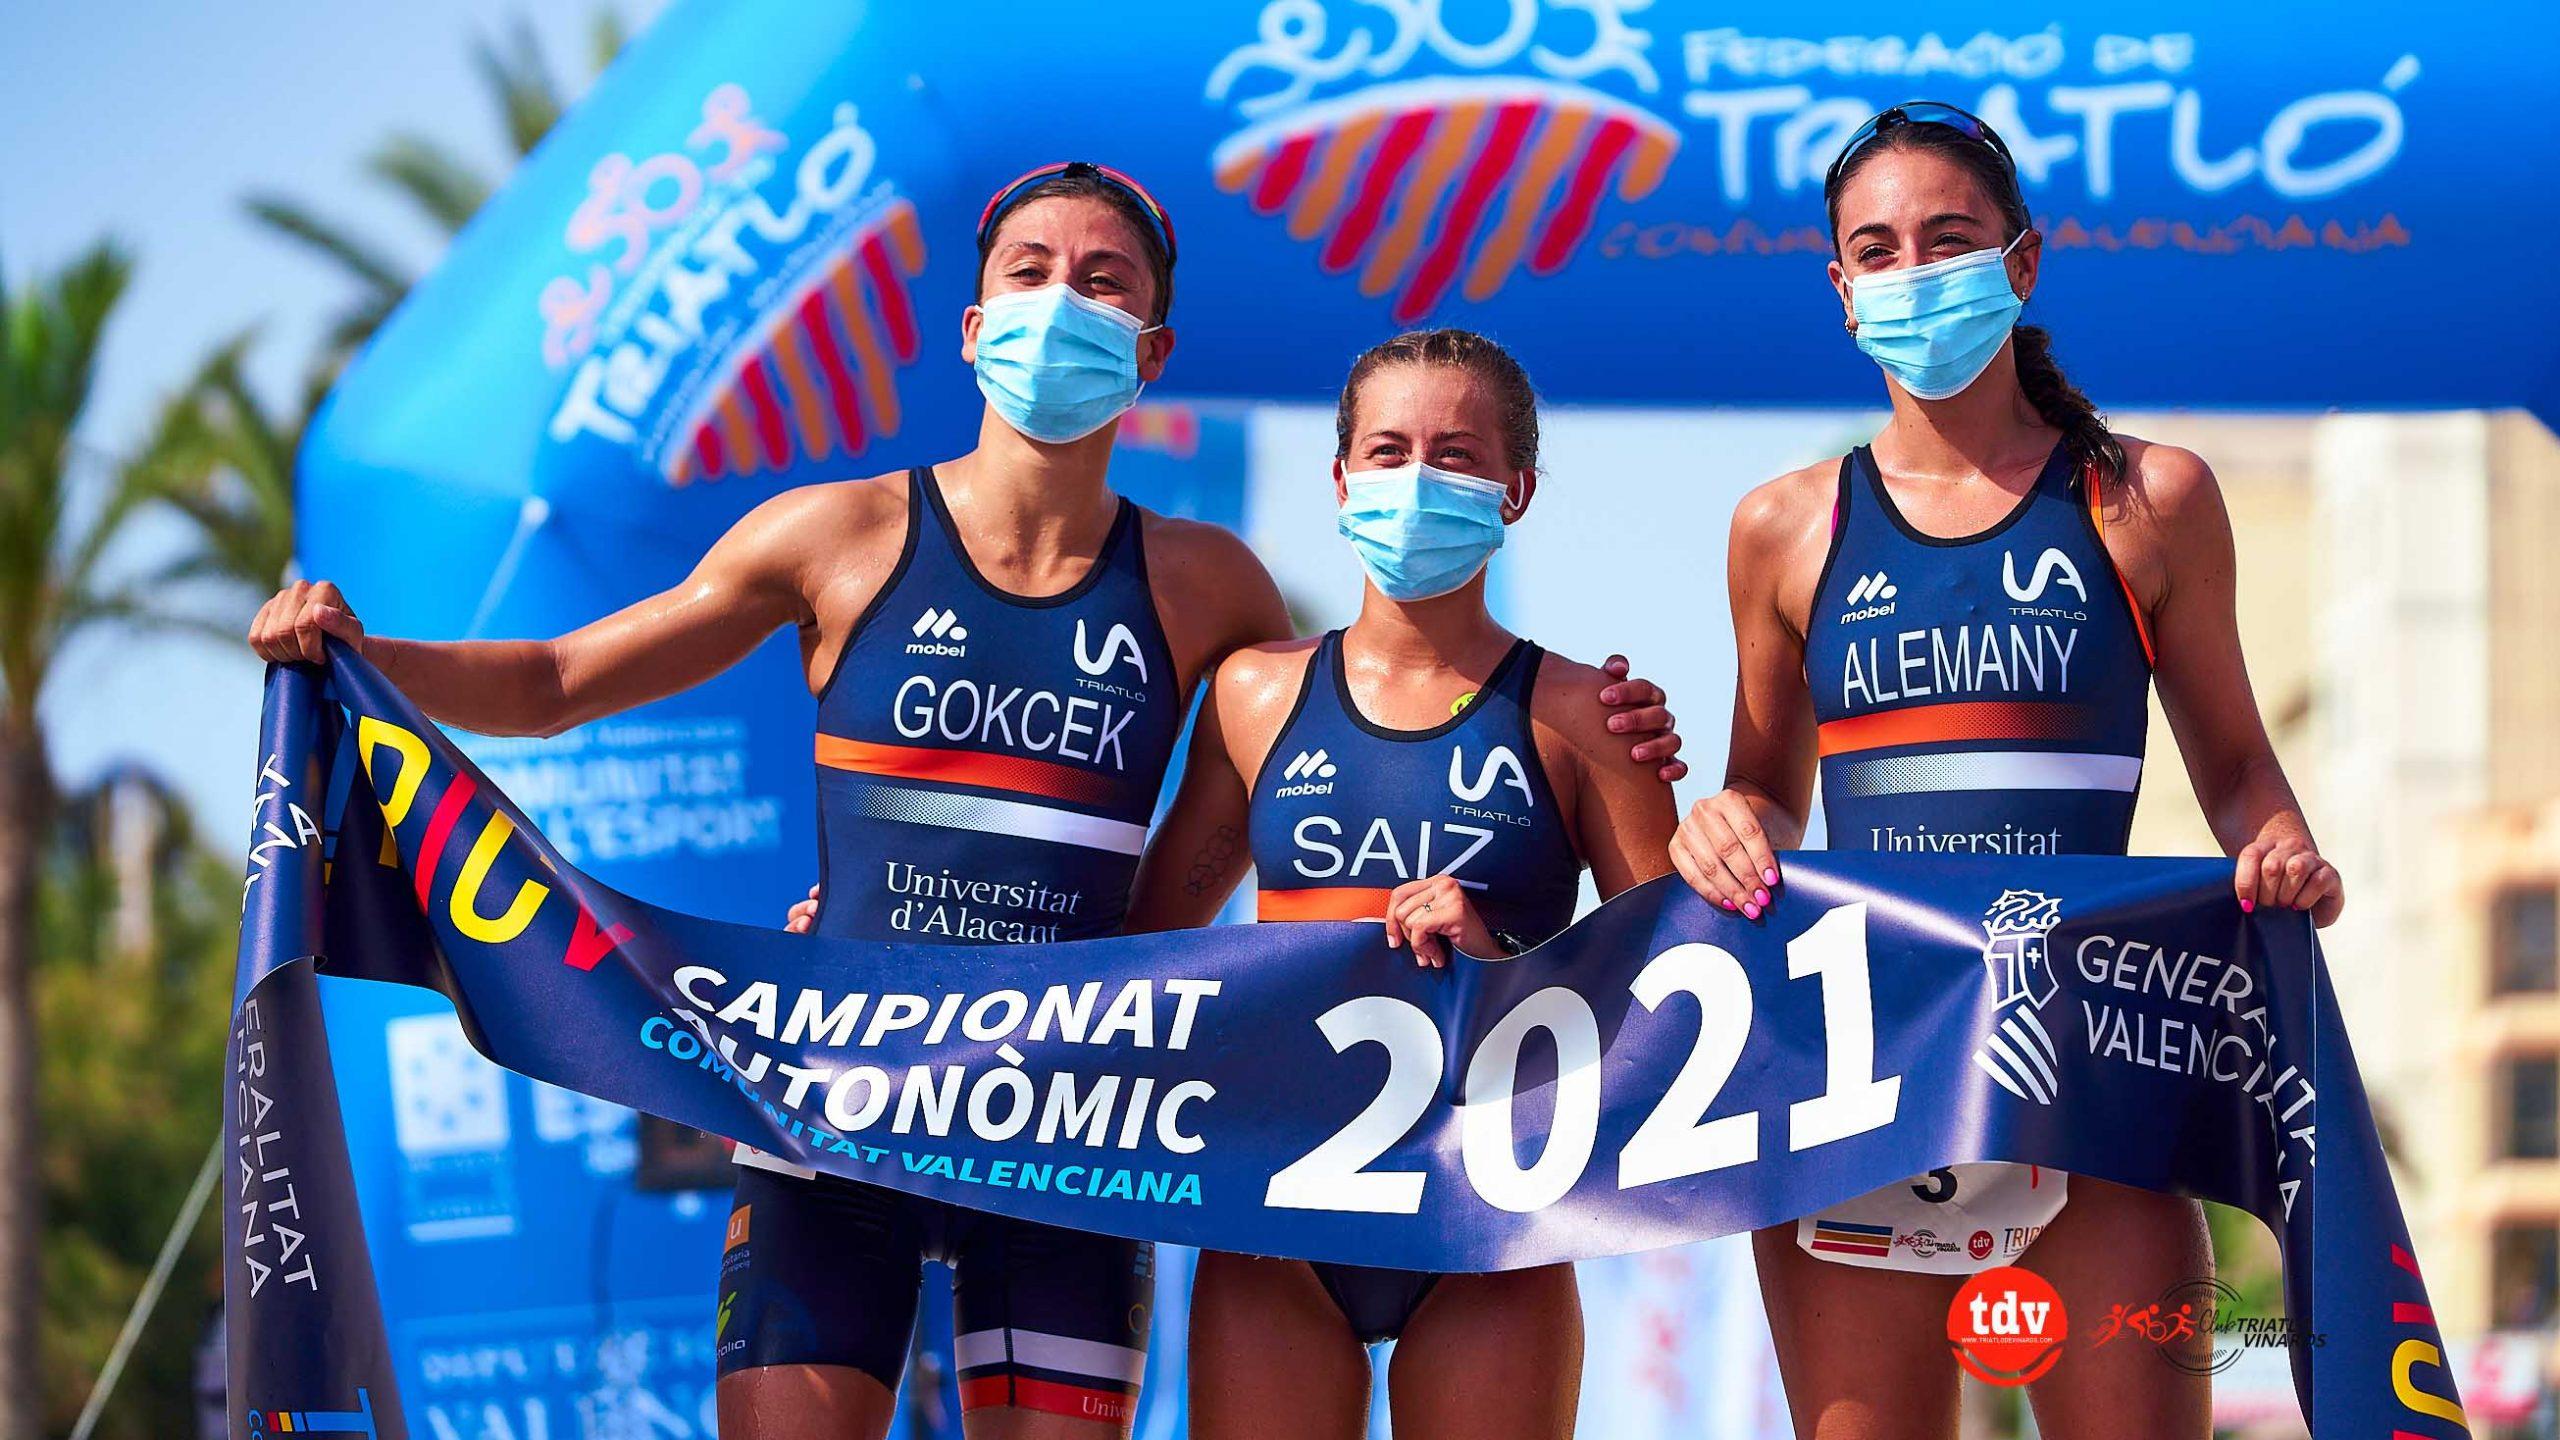 Dominio de la UA Triatlón en el Campeonato Autonómico de Triatlón Olímpico de la Comunidad Valenciana disputado en Vinaròs